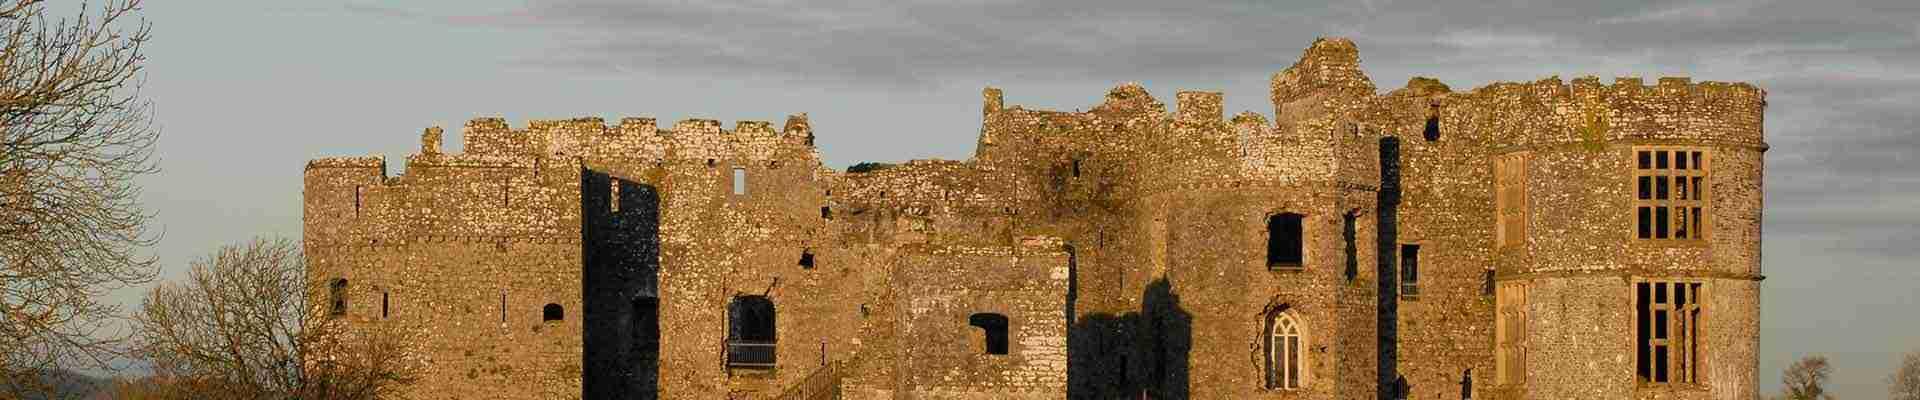 Carew Castle Events